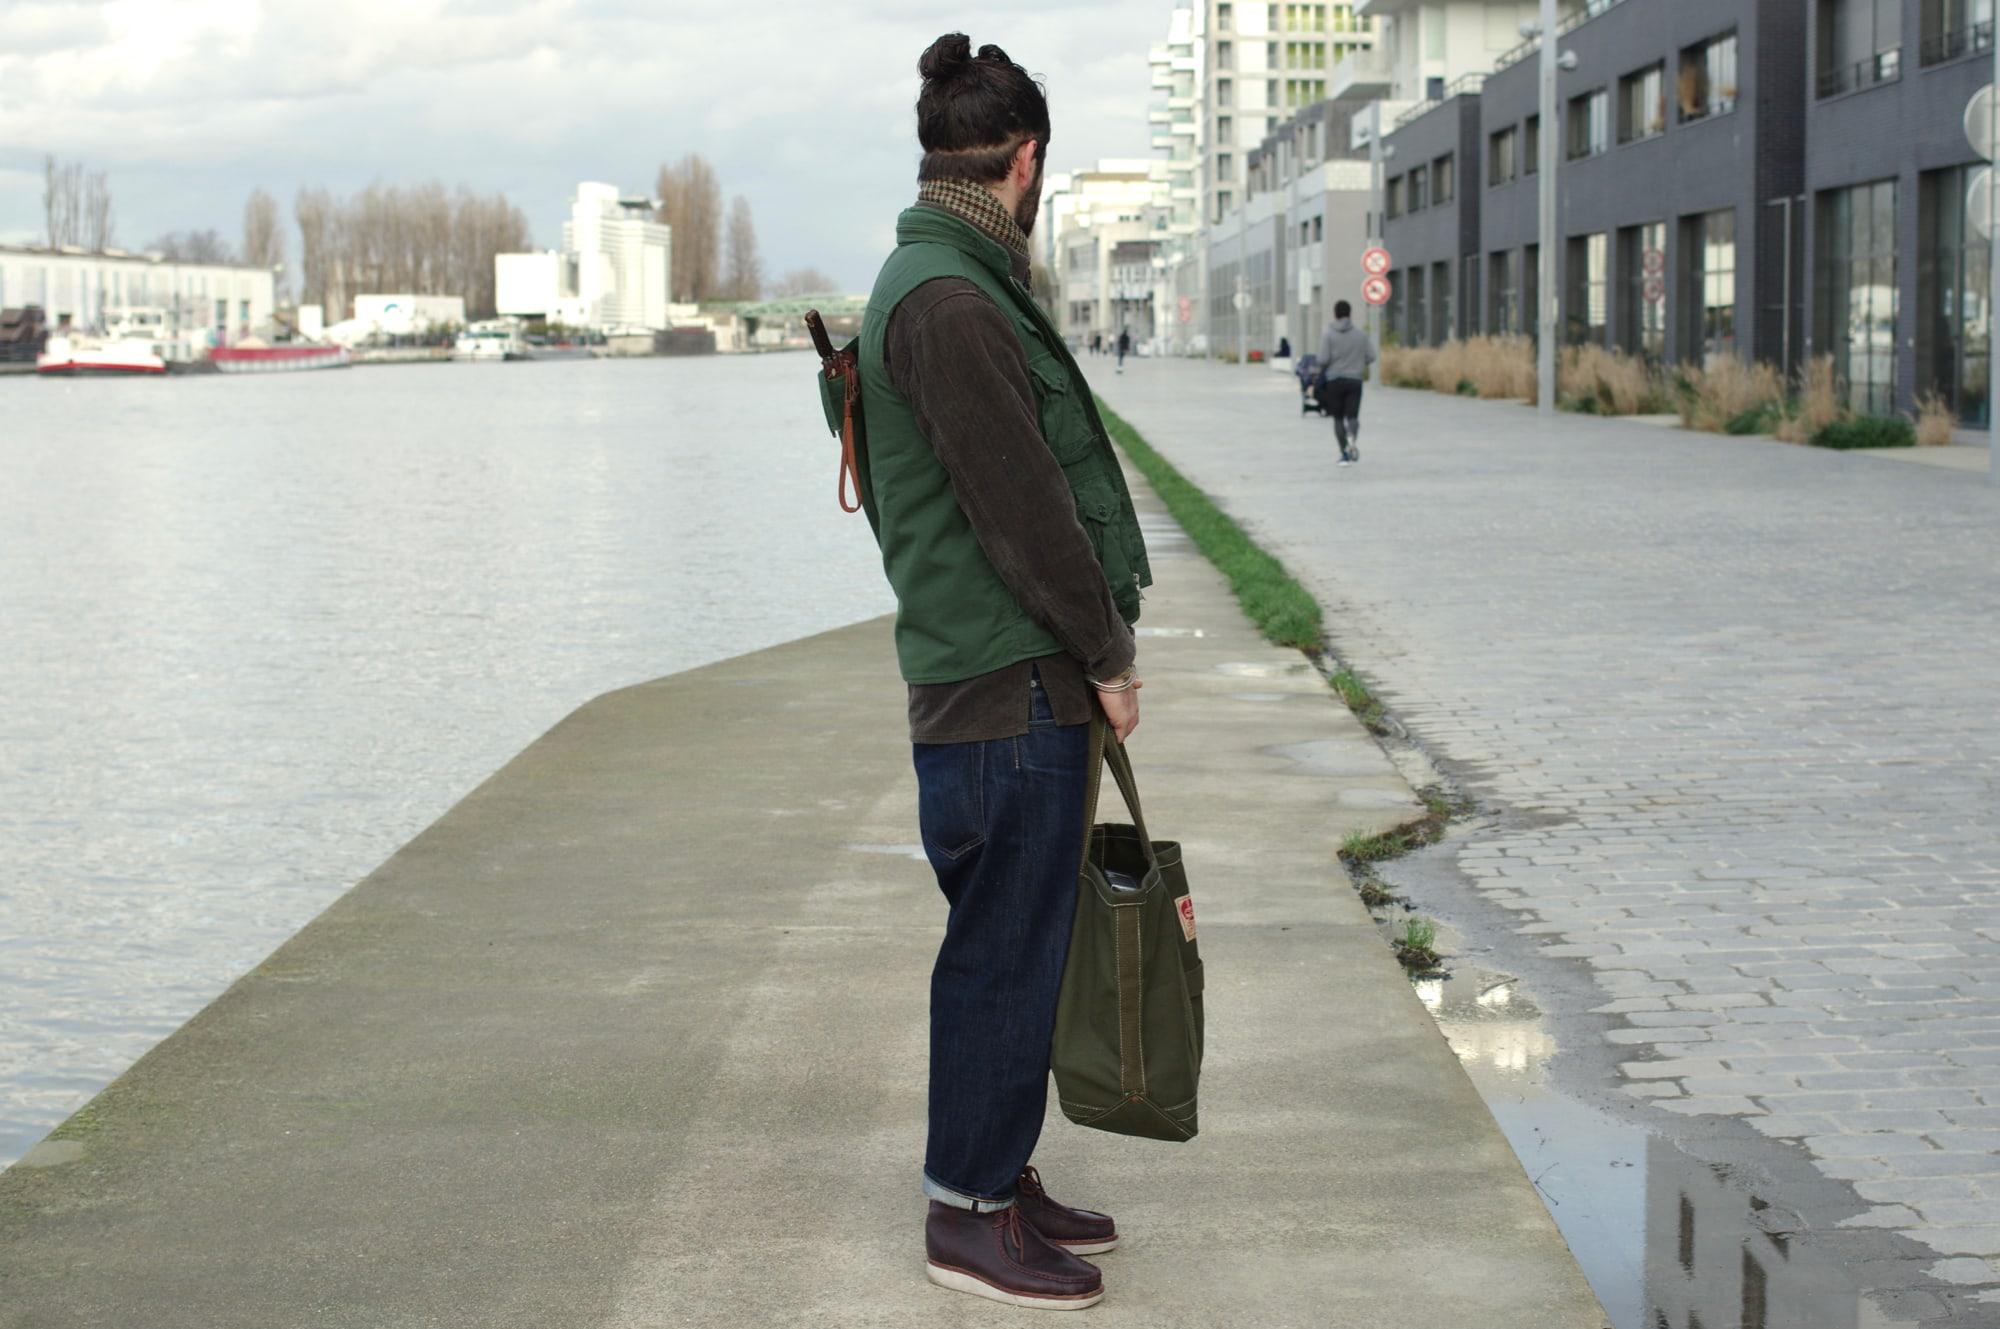 parapluie pour homme Tenue workwear style street heritage avec un gilet de photographe un jean wide tapered et une surchemise - la fameuse Photographer vest de Engineered Garments